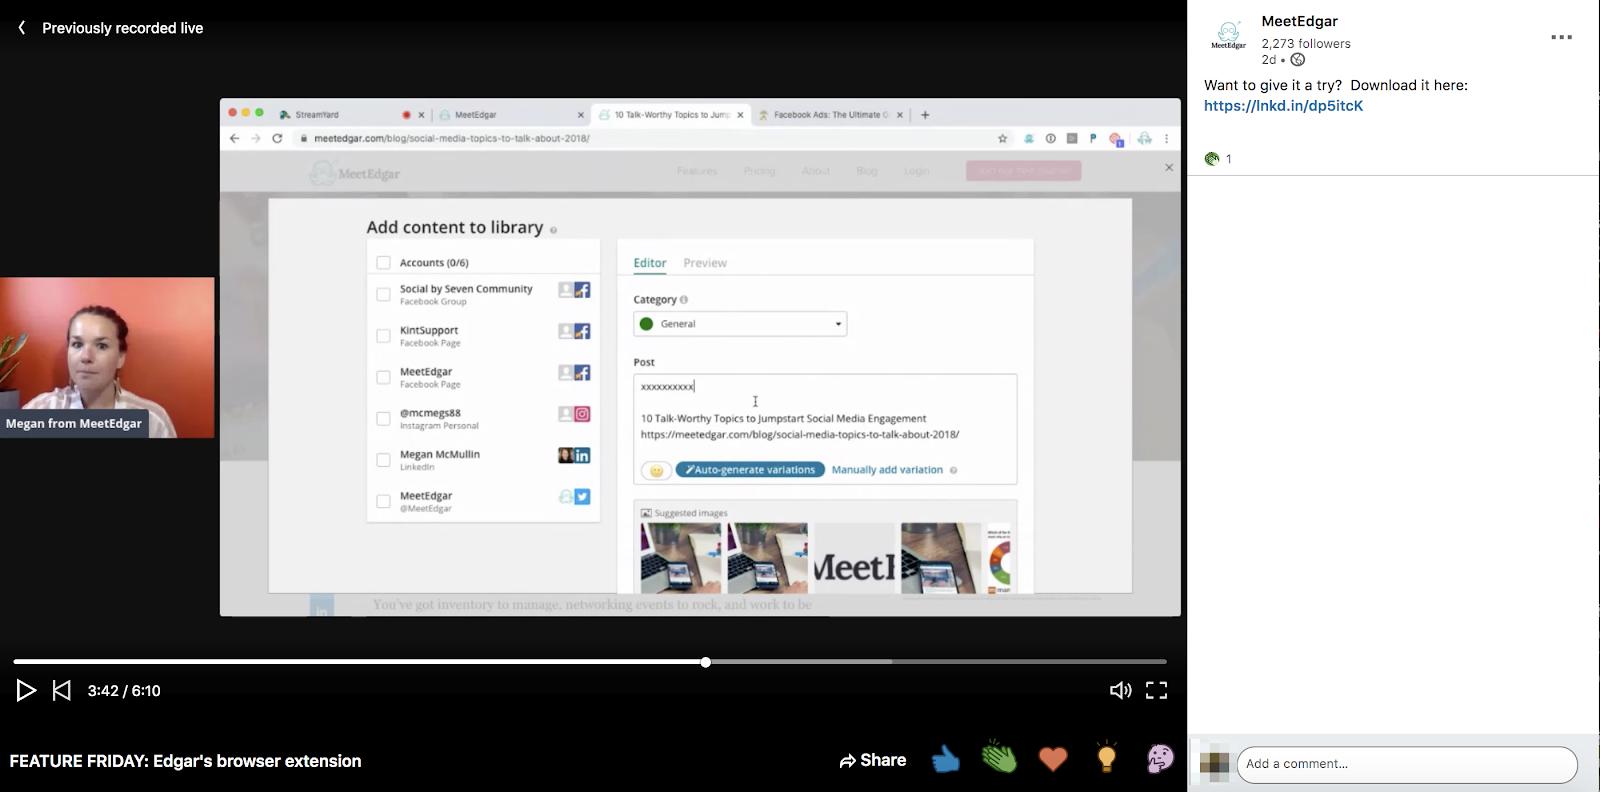 MeetEdgar live stream screenshot